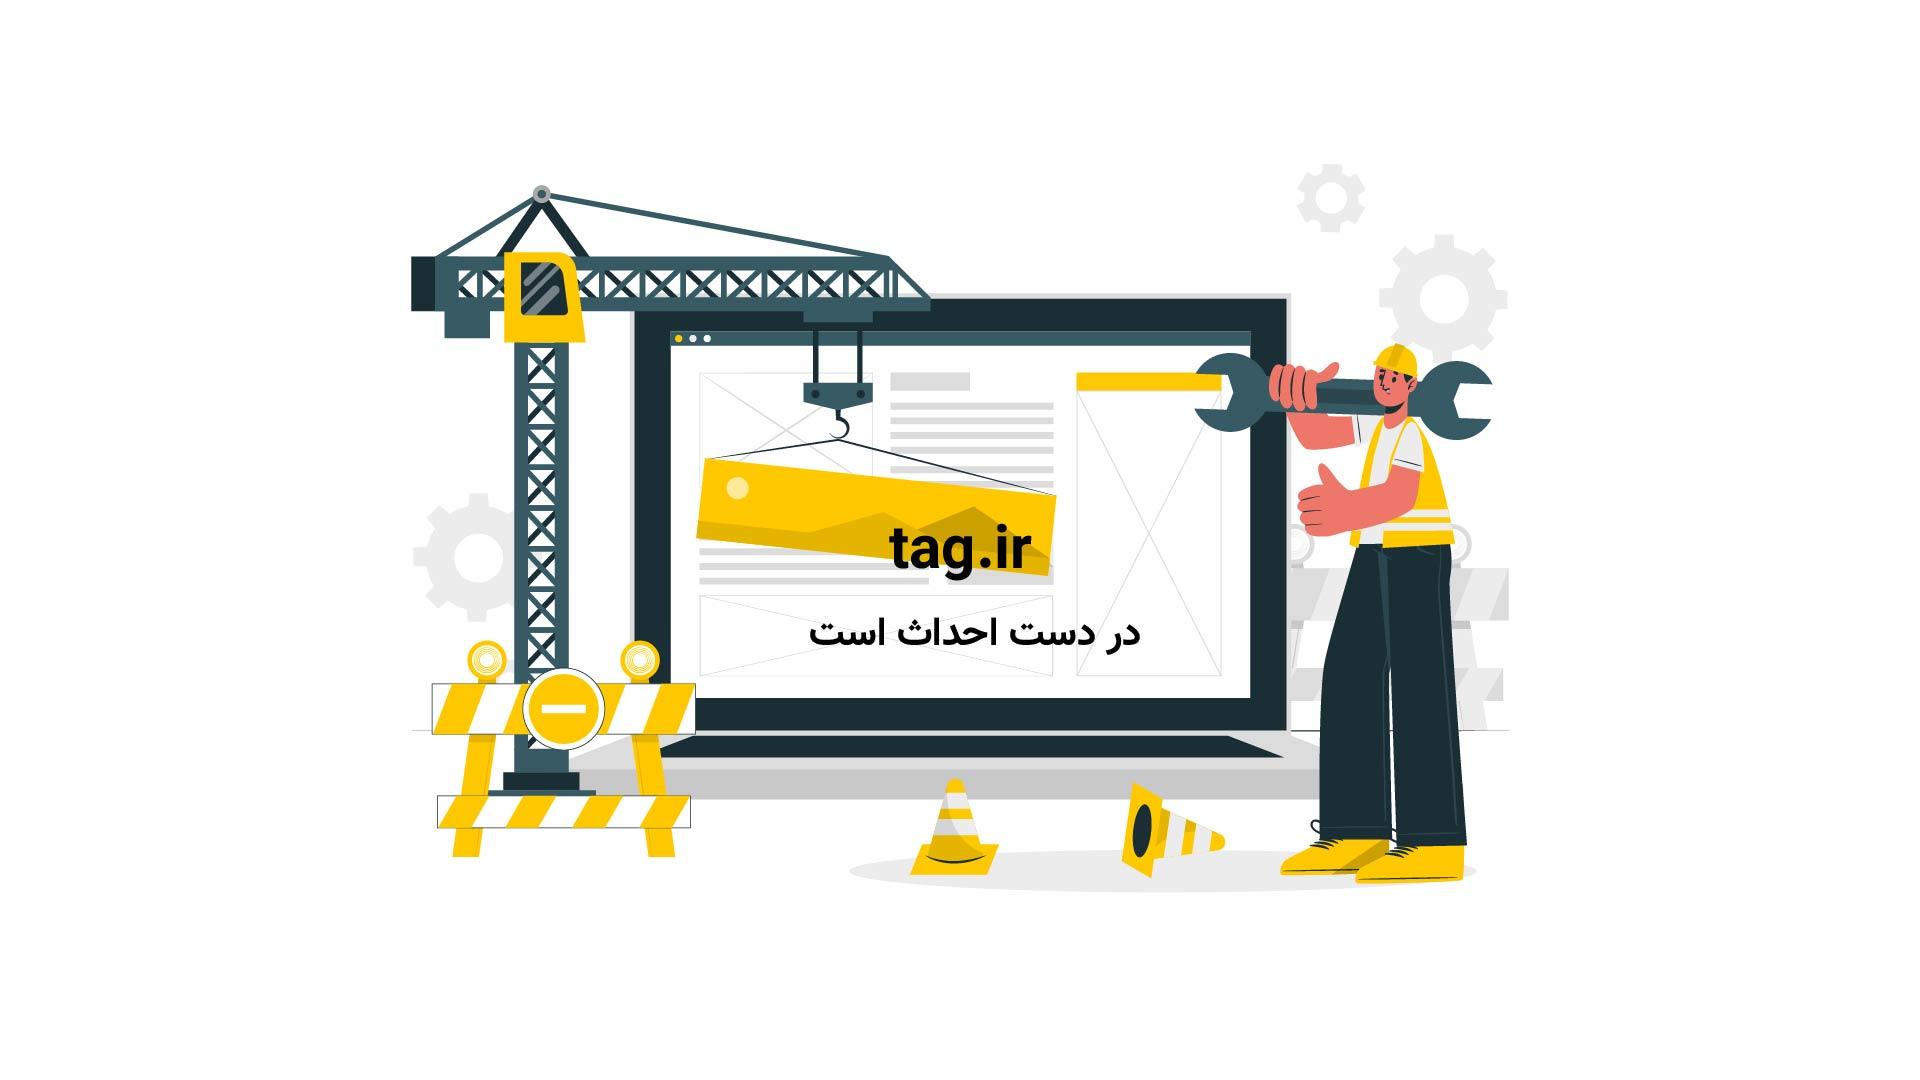 آموزش درست کردن جاشمعی و گلدان های سیمانی | فیلم